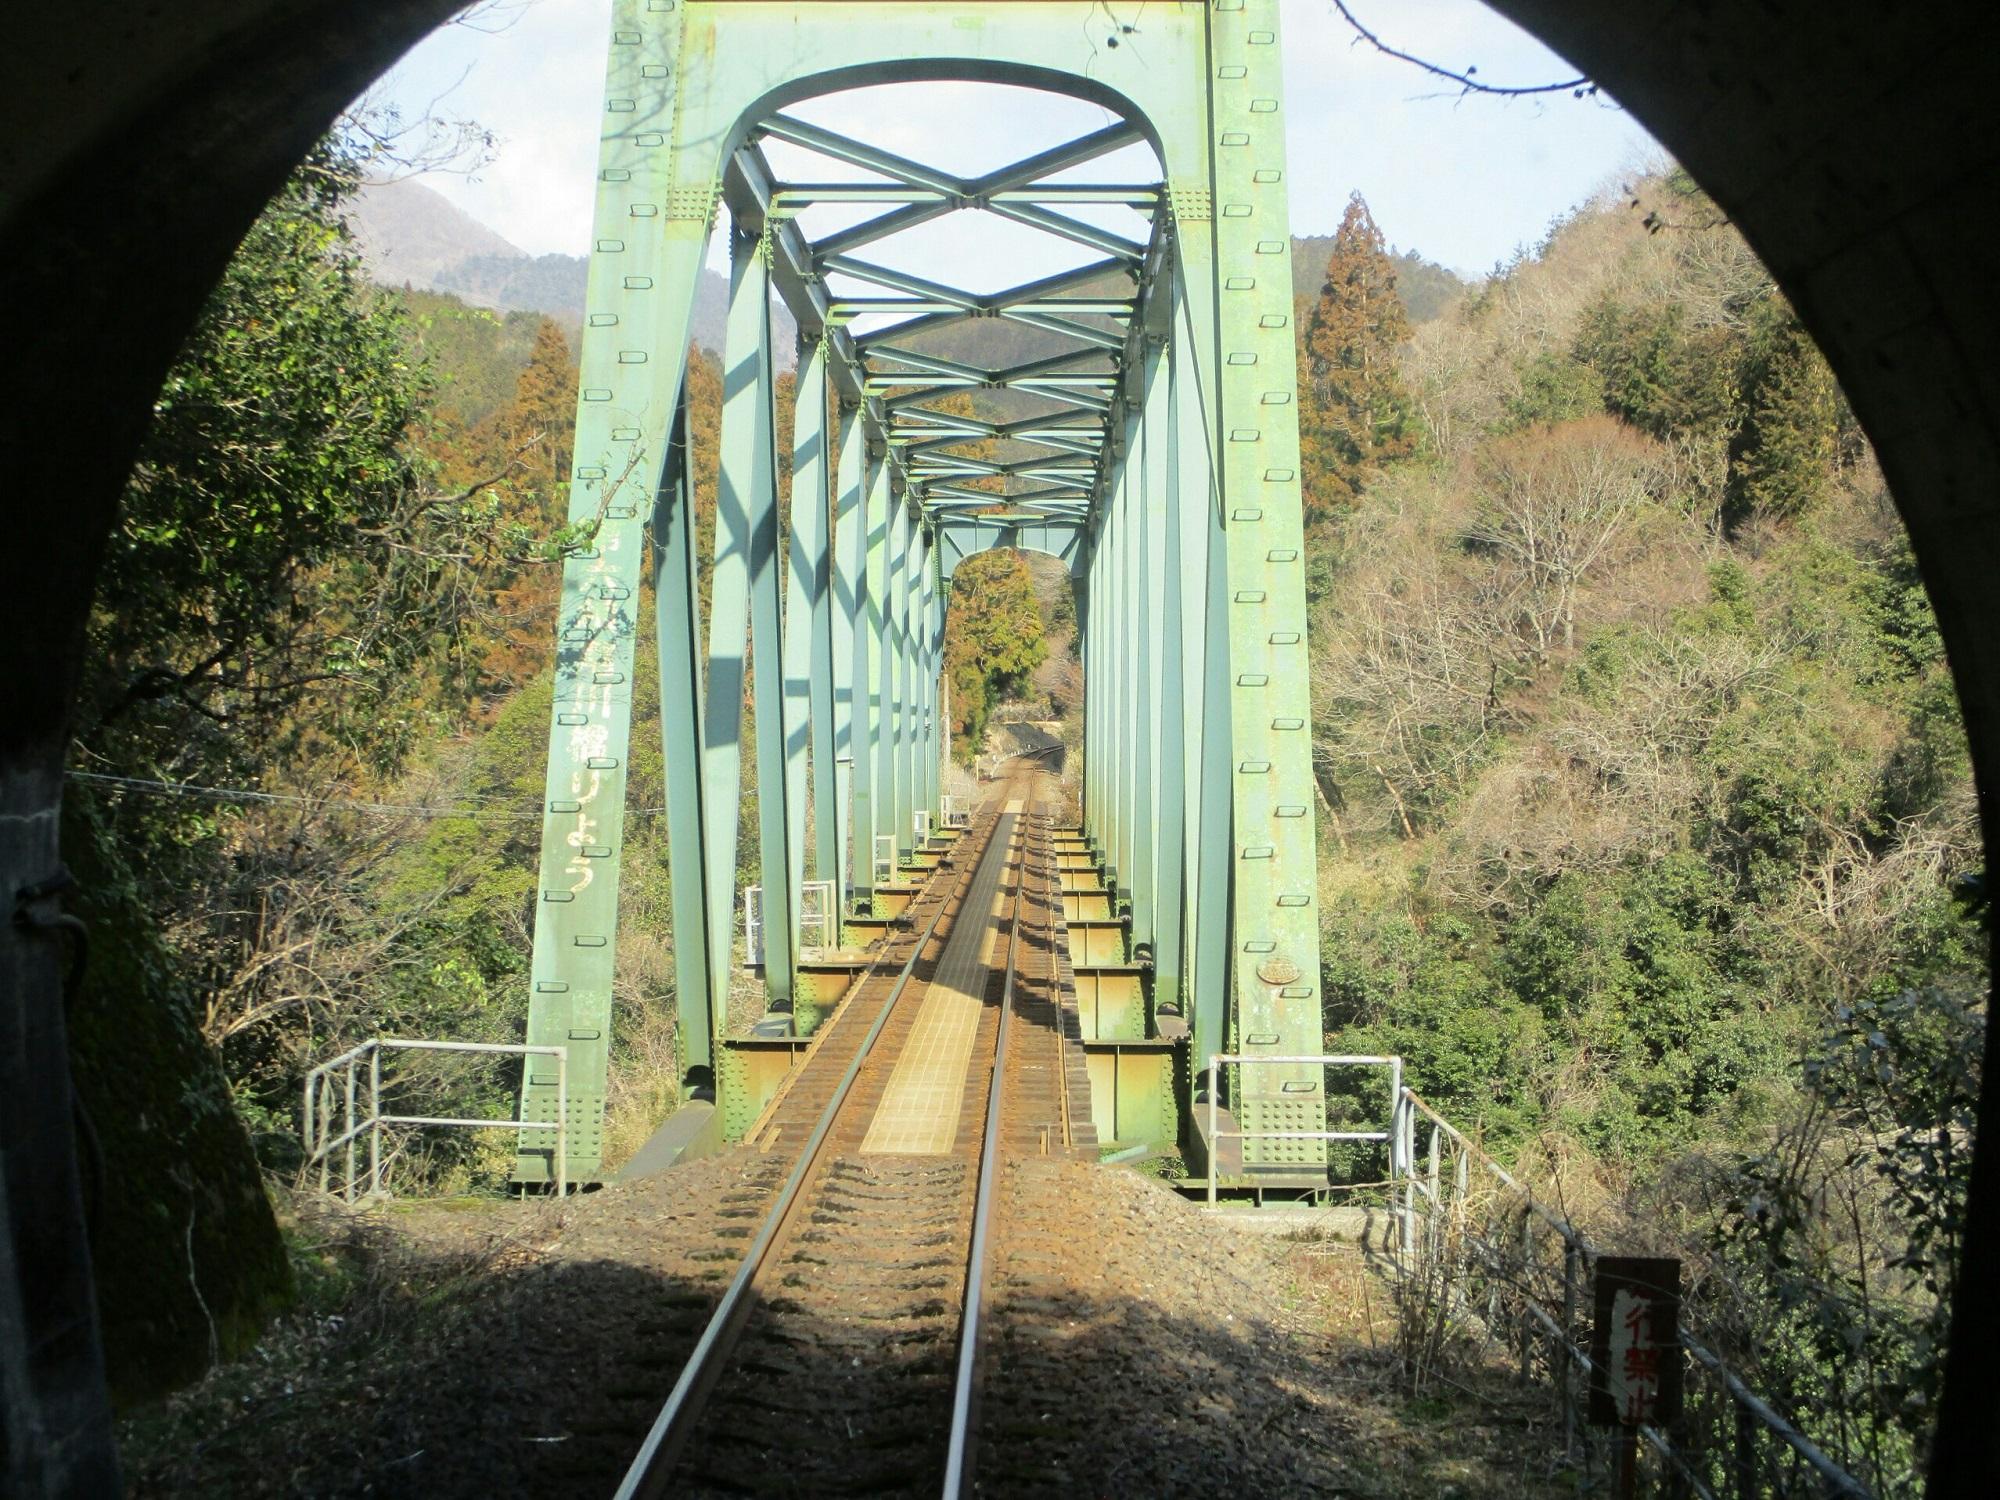 2019.3.1 (86) 樽見いきふつう - 第6根尾川鉄橋 2000-1500